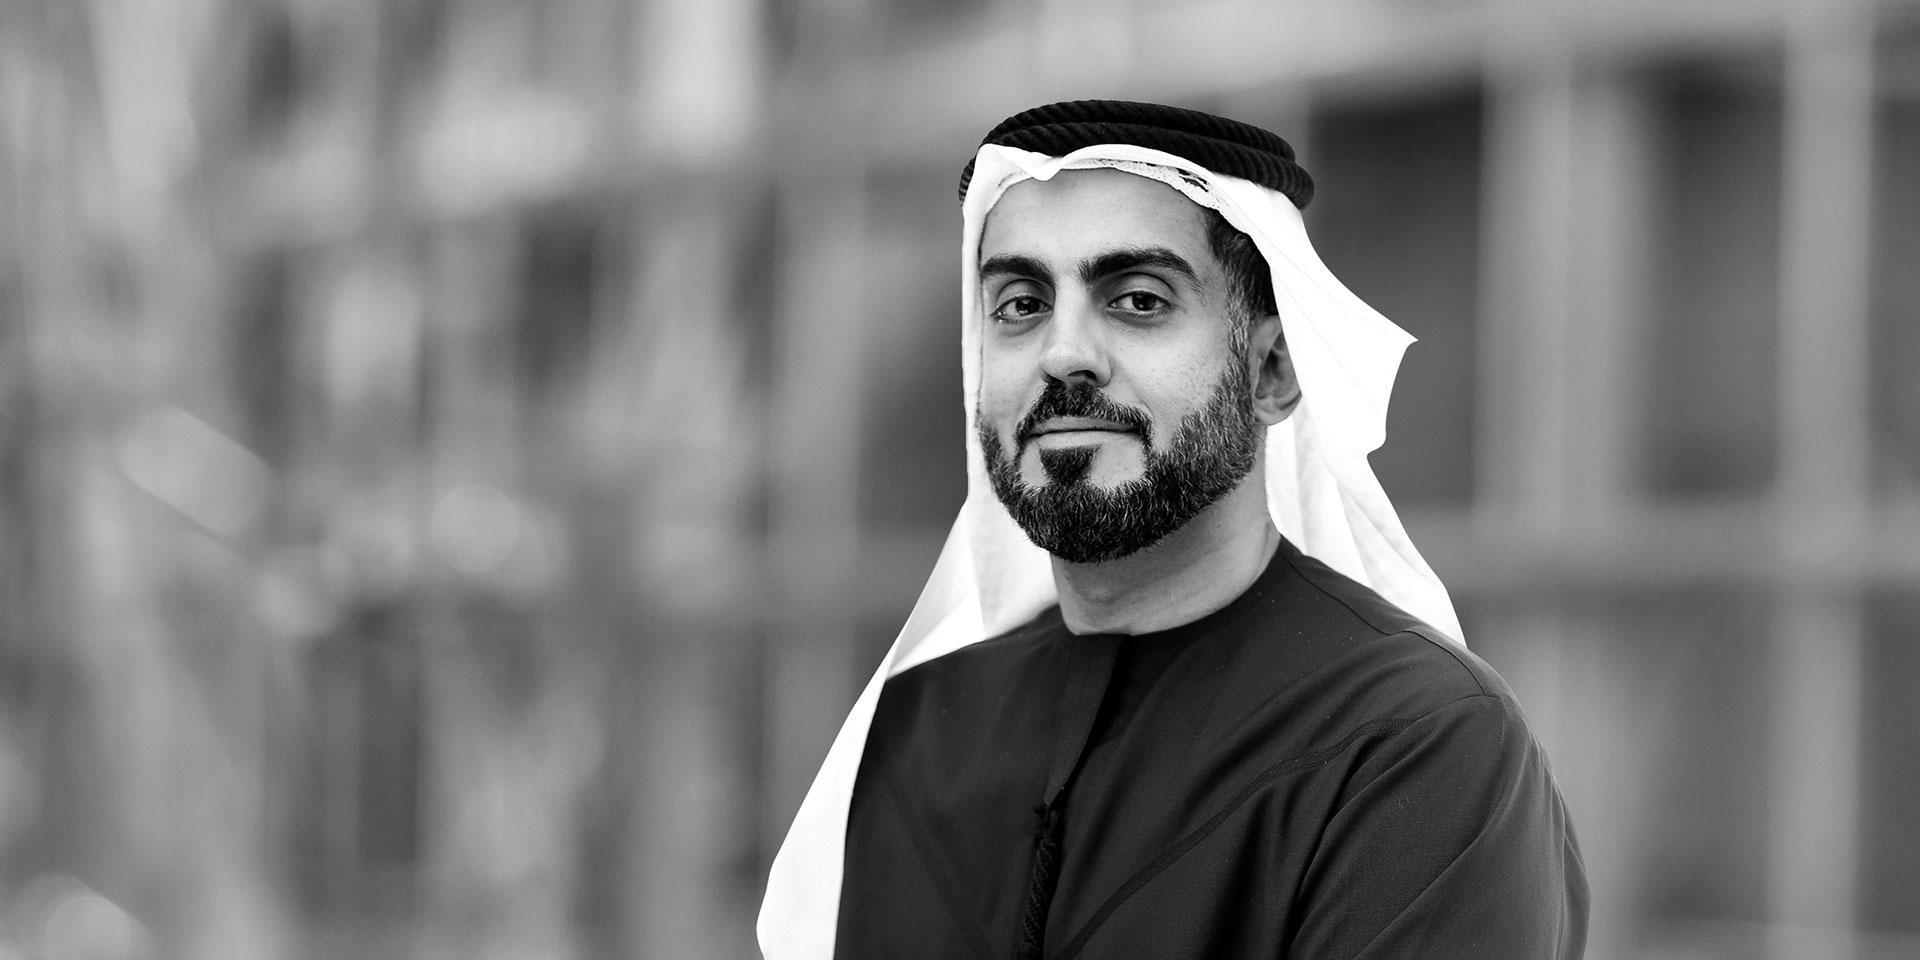 Abdulwahid Alulama